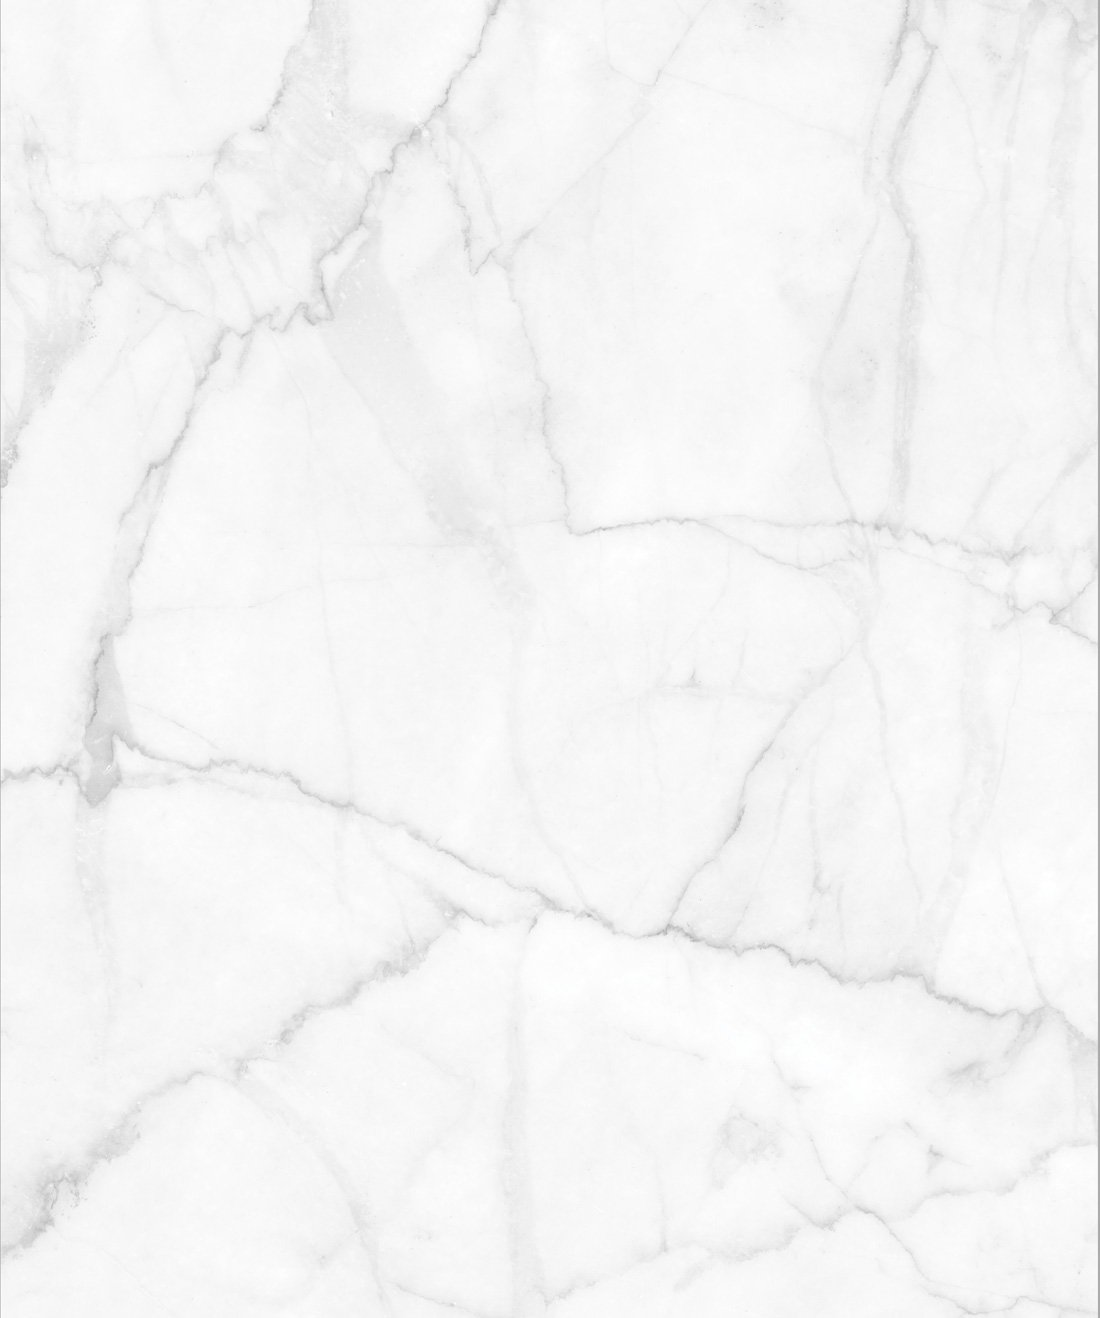 Marble Wallpaper Luxury Realistic White Marble Milton King 1100x1318